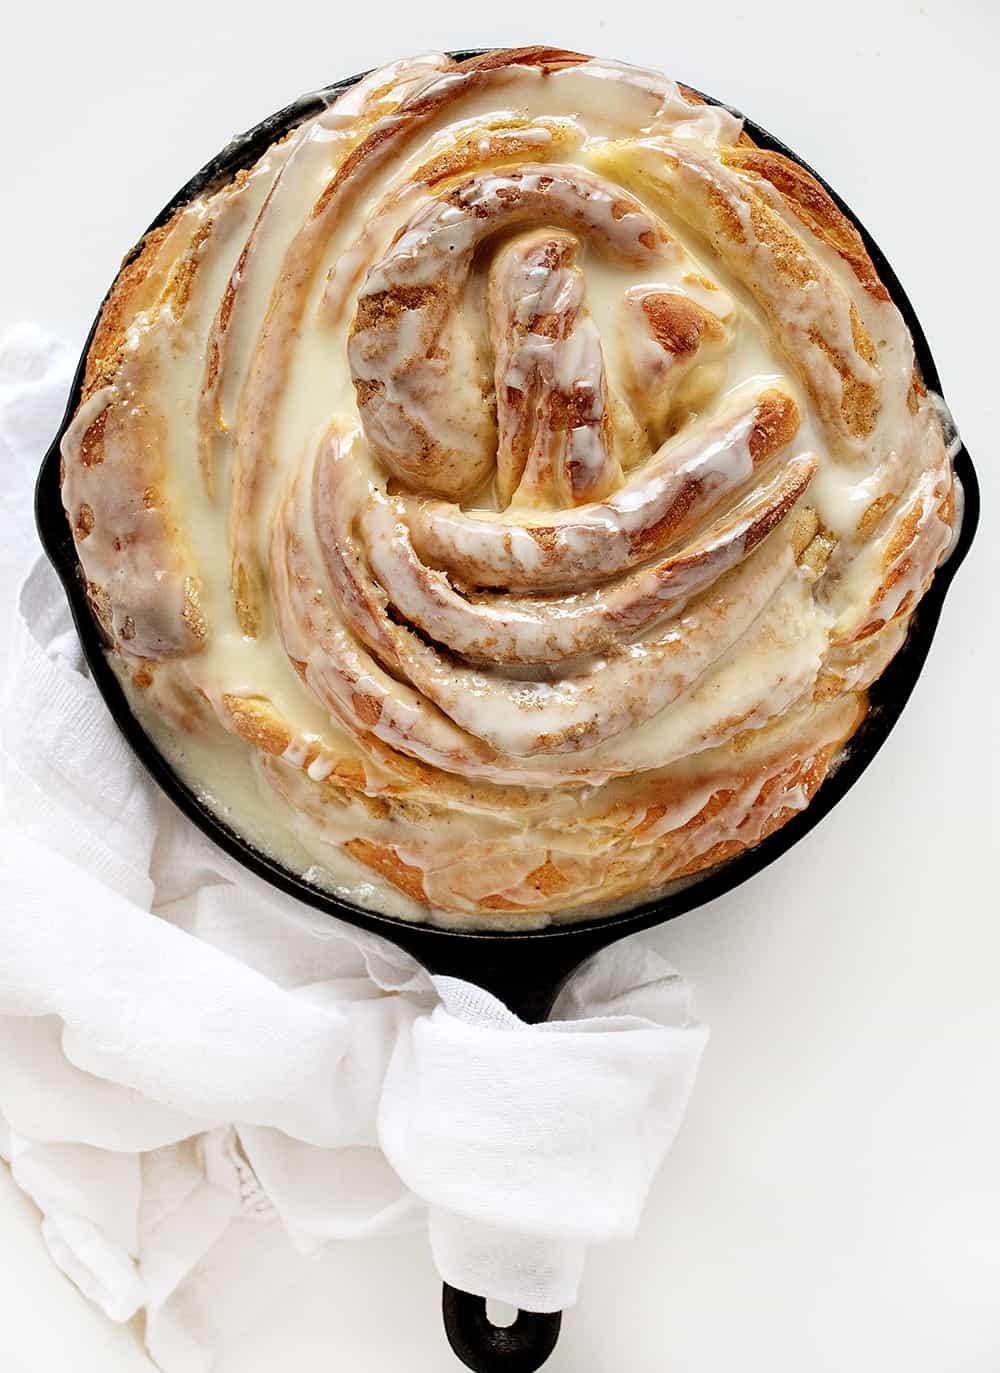 Orange Cardamom Breakfast Bread Twist in a Skillet